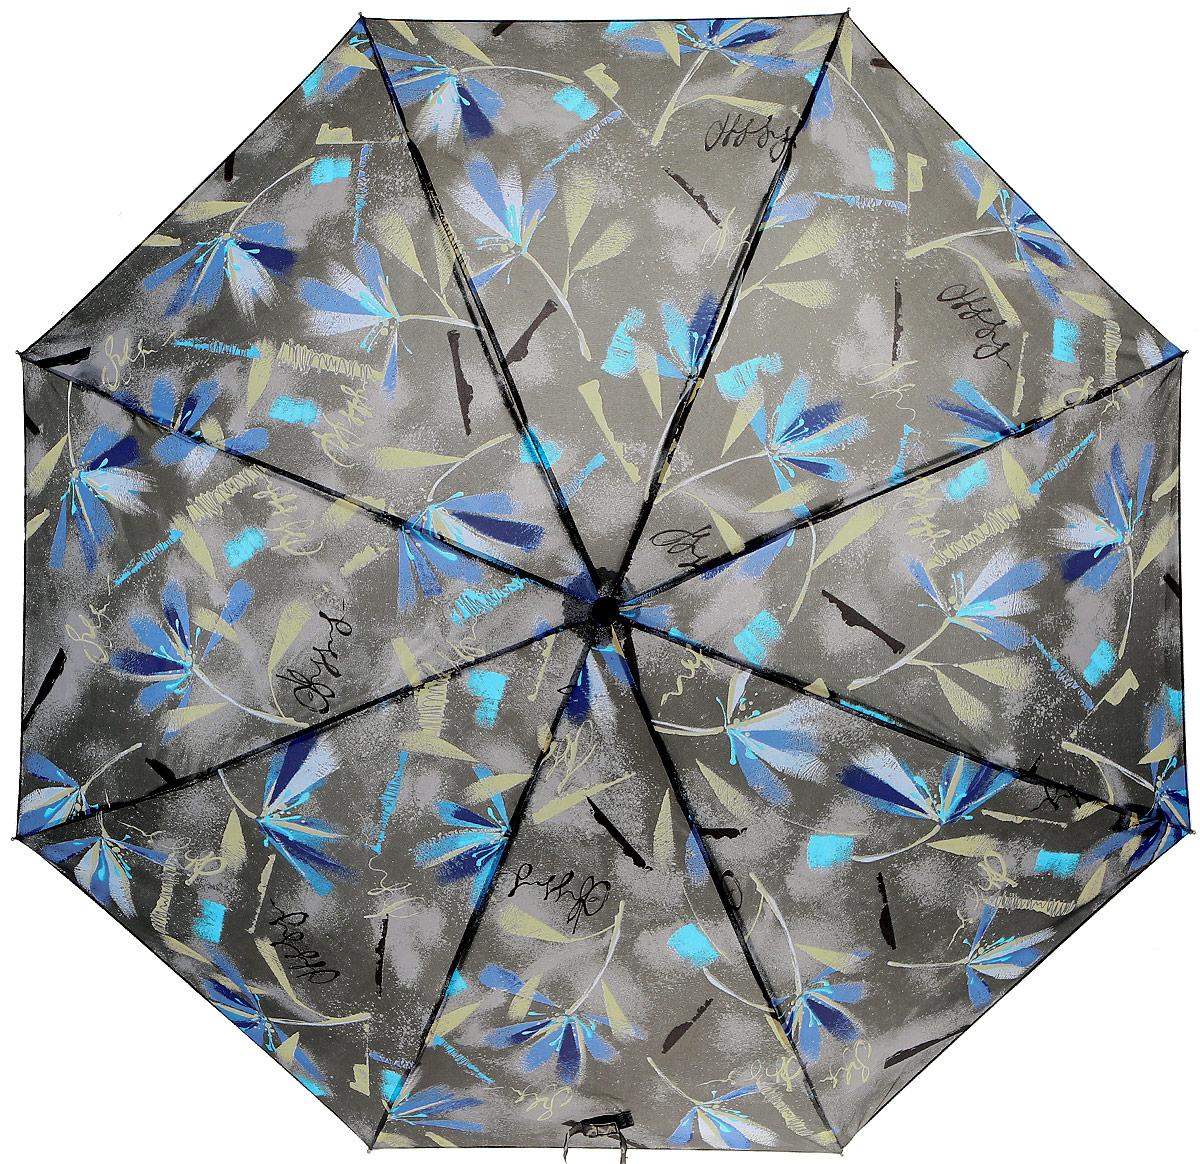 Зонт женский Prize, механический, 3 сложения, цвет: светло-серый, голубой. 355-19045100948B/32793/5900NКлассический женский зонт в 3 сложения с механической системой открытия и закрытия. Удобная ручка выполнена из пластика. Модель зонта выполнена в стандартном размере. Данная модель пердставляет собой эконом класс.